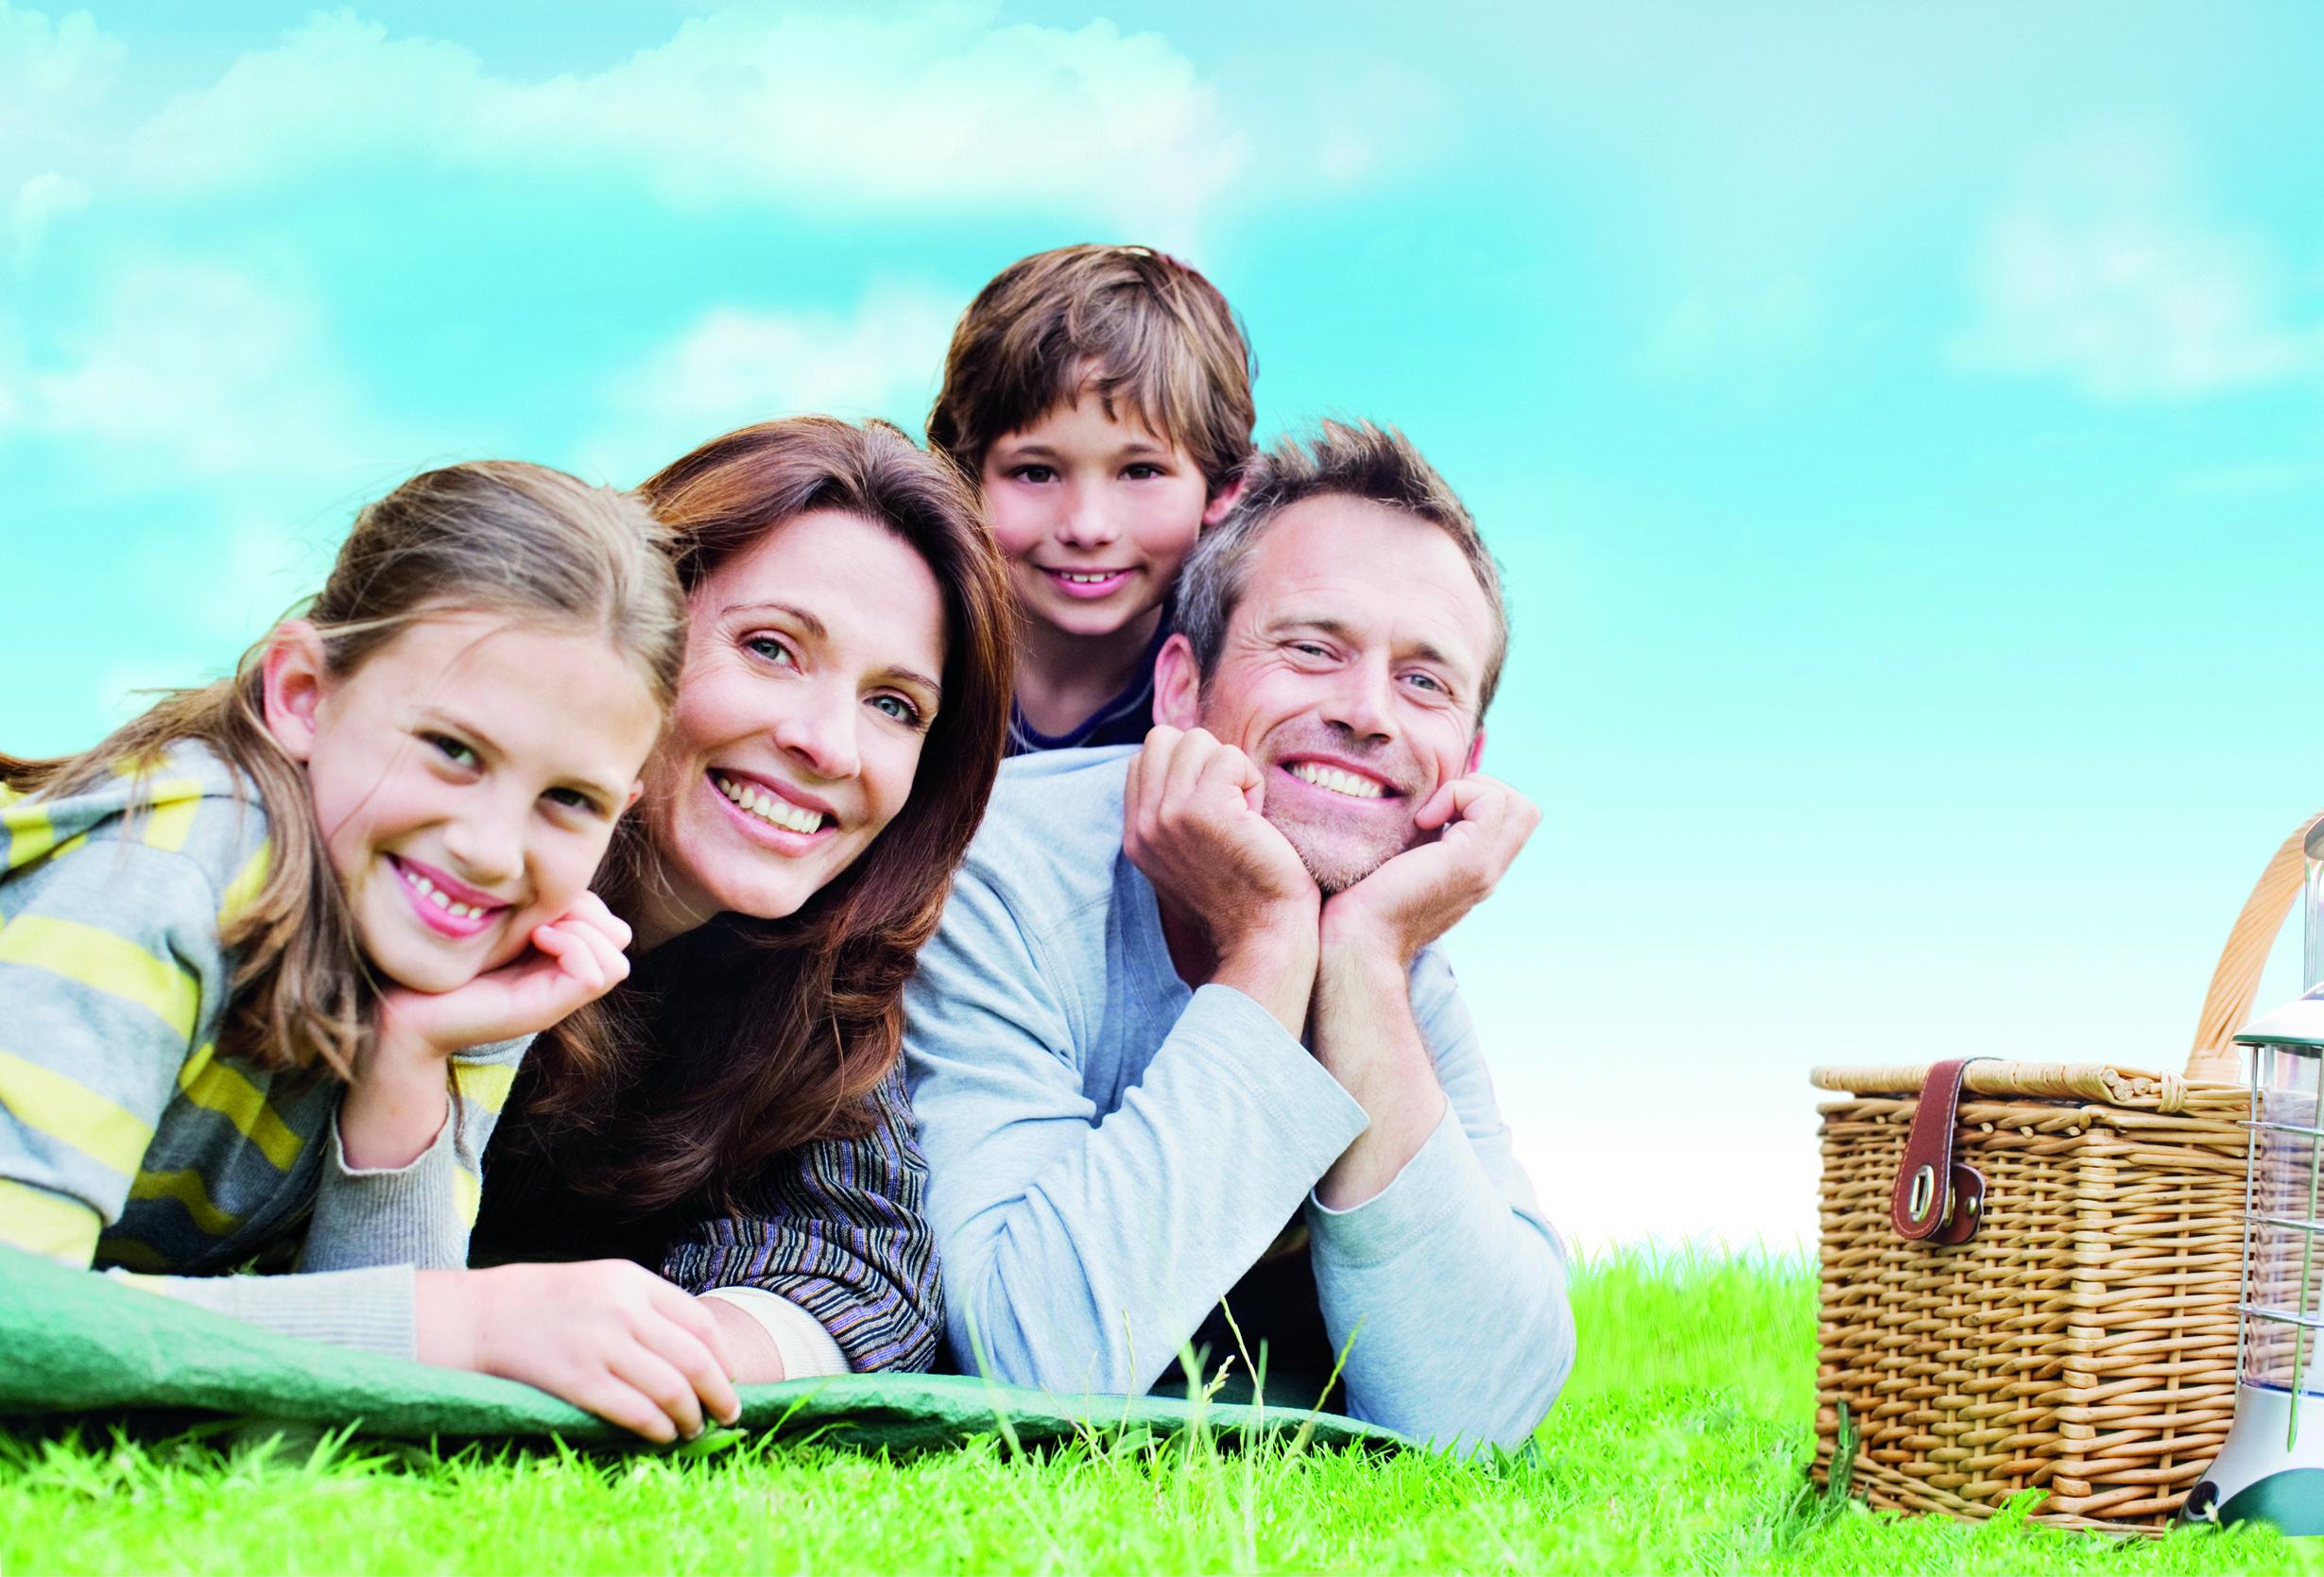 Lachende Familie beim Picknick